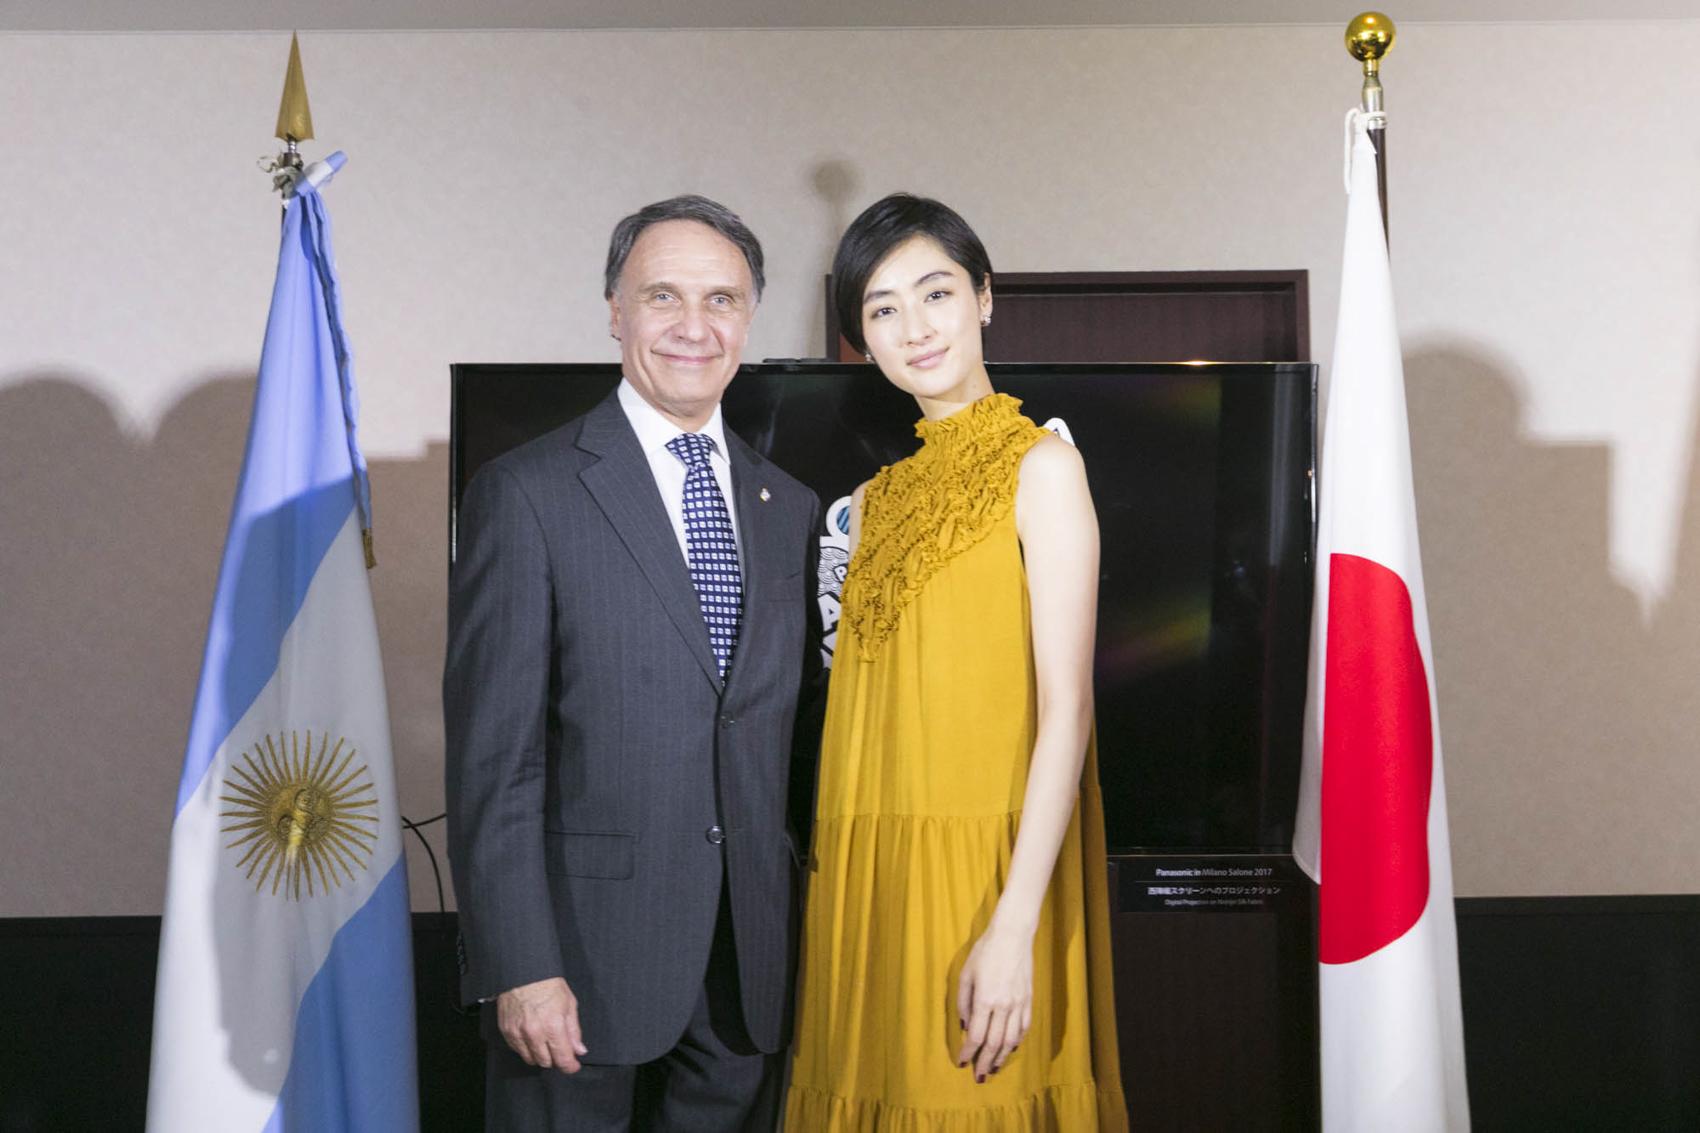 アラン・ベロー駐日アルゼンチン共和国大使、シシド・カフカ